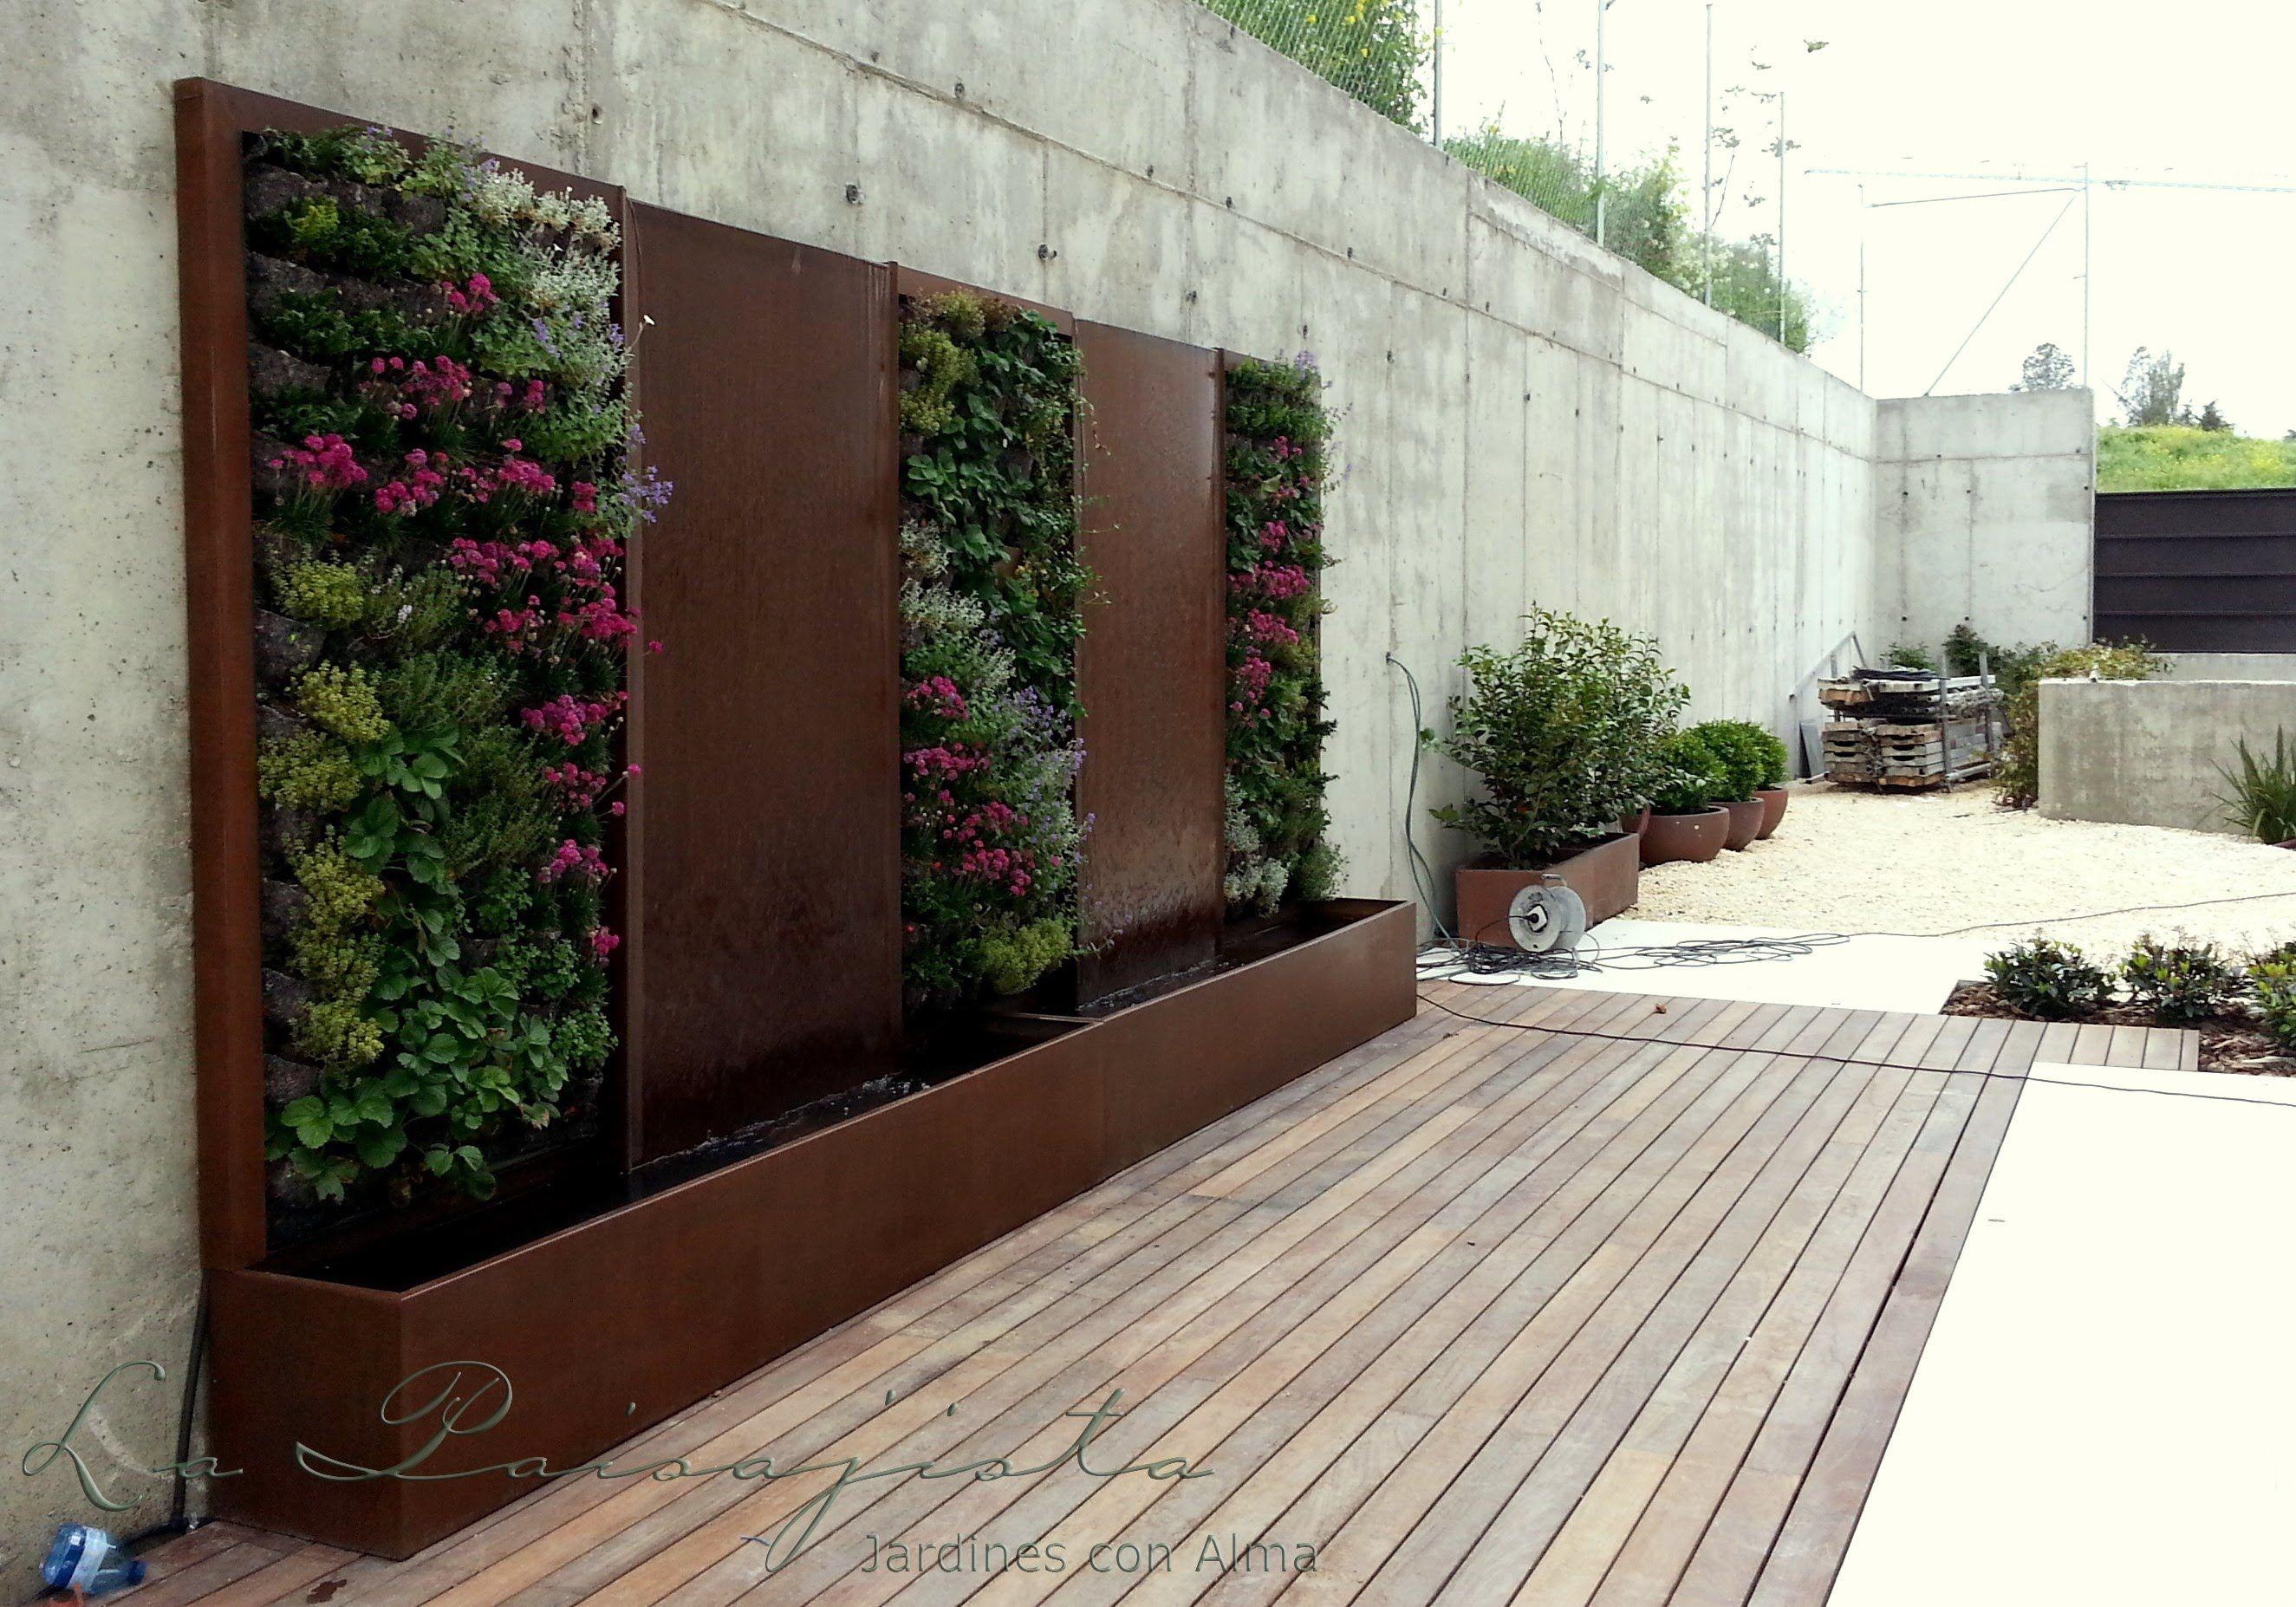 Fuente de acero corten y jardin vertical mi terraza jr jelen acero corten acero y muros - Fuente terraza ...